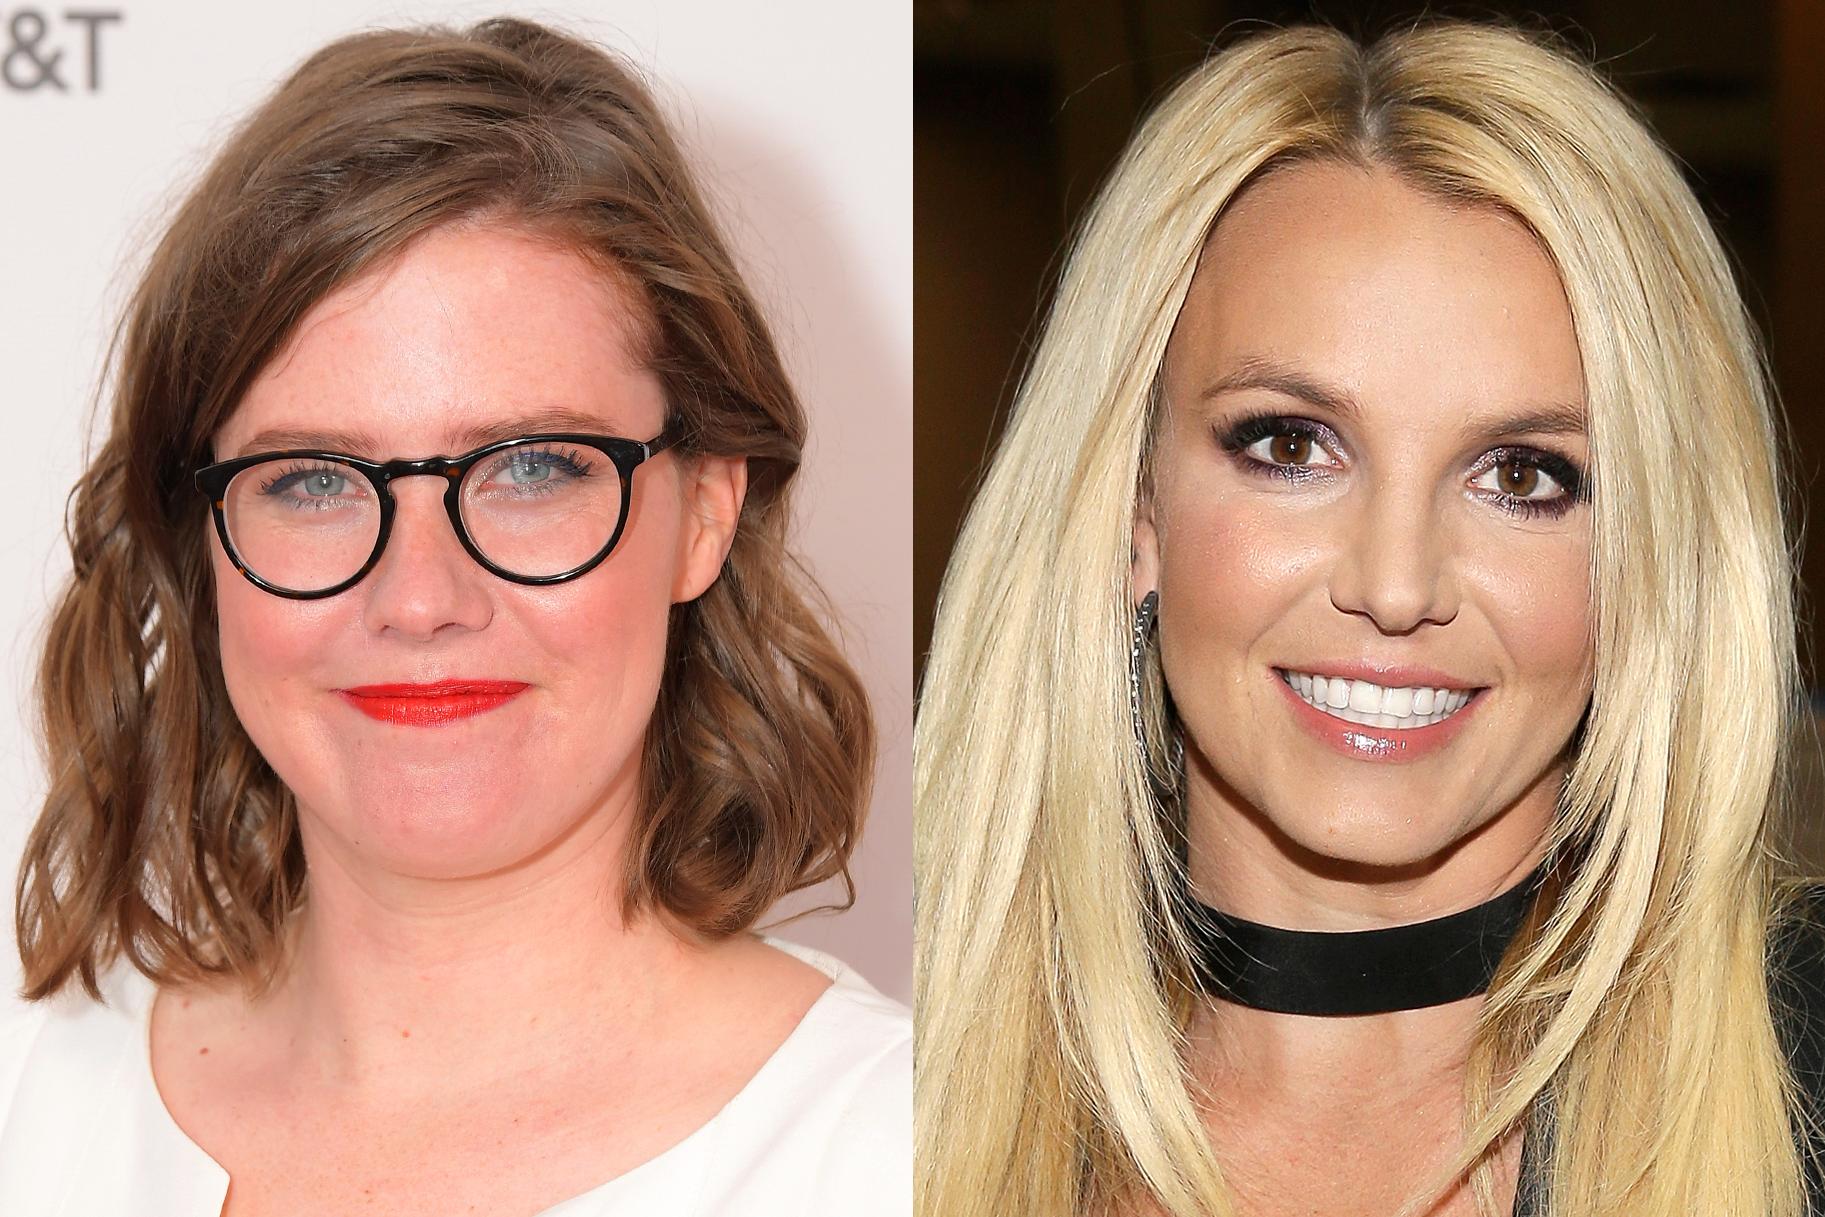 Ο σκηνοθέτης γνωστός για τη δημιουργία συναρπαστικών πορτρέτων περίπλοκων γυναικών εργάζεται σε ένα ντοκιμαντέρ Netflix για την Britney Spears